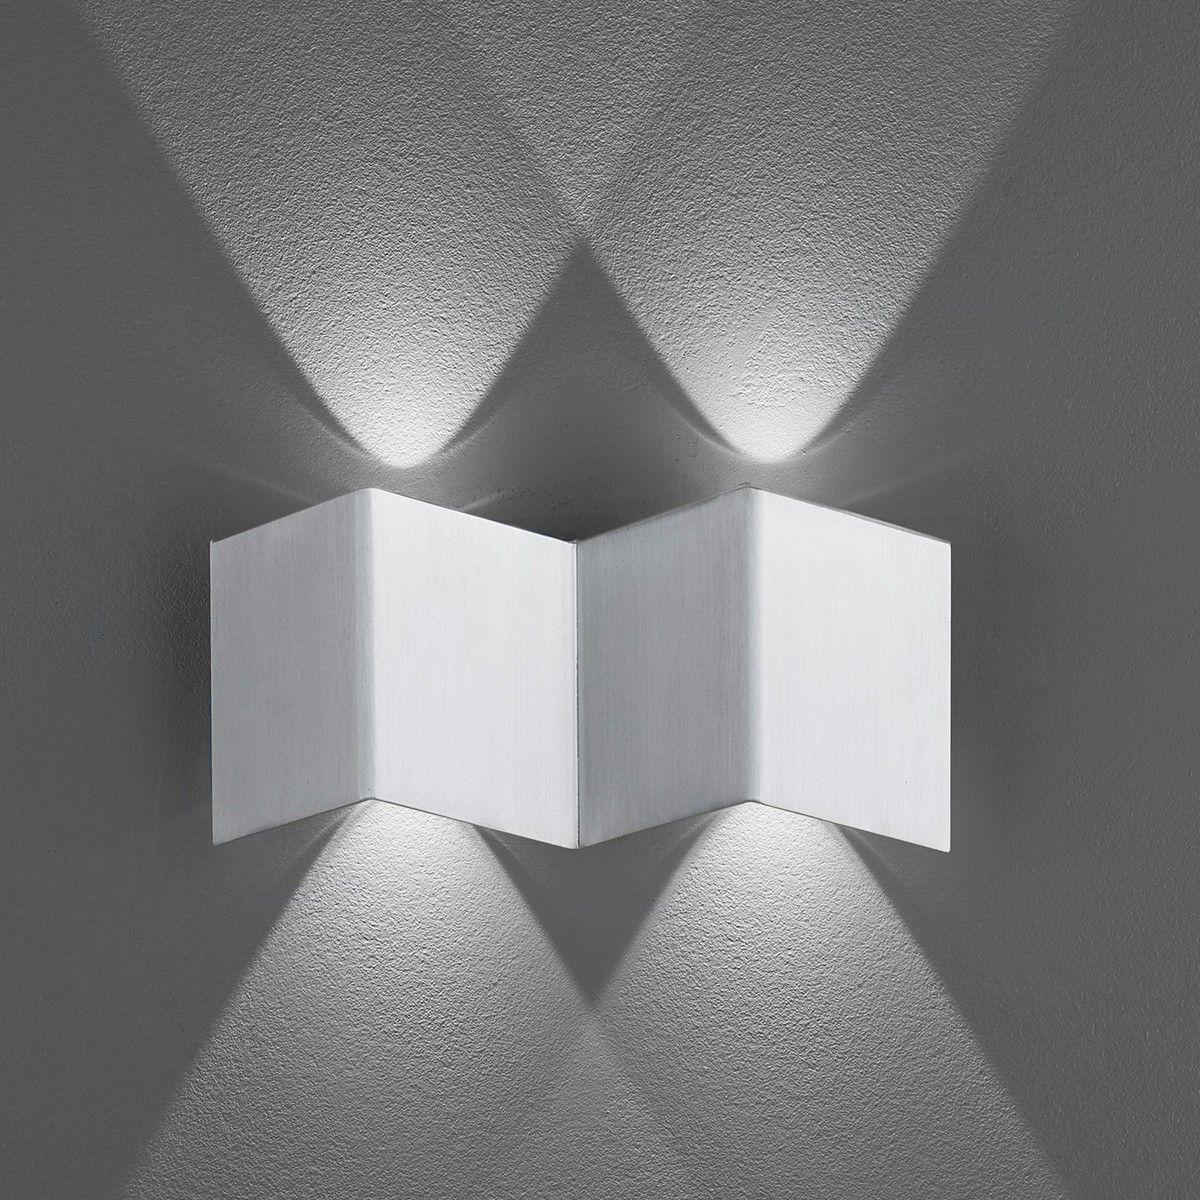 B Leuchten Prince 40236 Wandleuchte Aluminium Mit Bildern Wandleuchte Led Einbaustrahler Lampe Mit Batterie